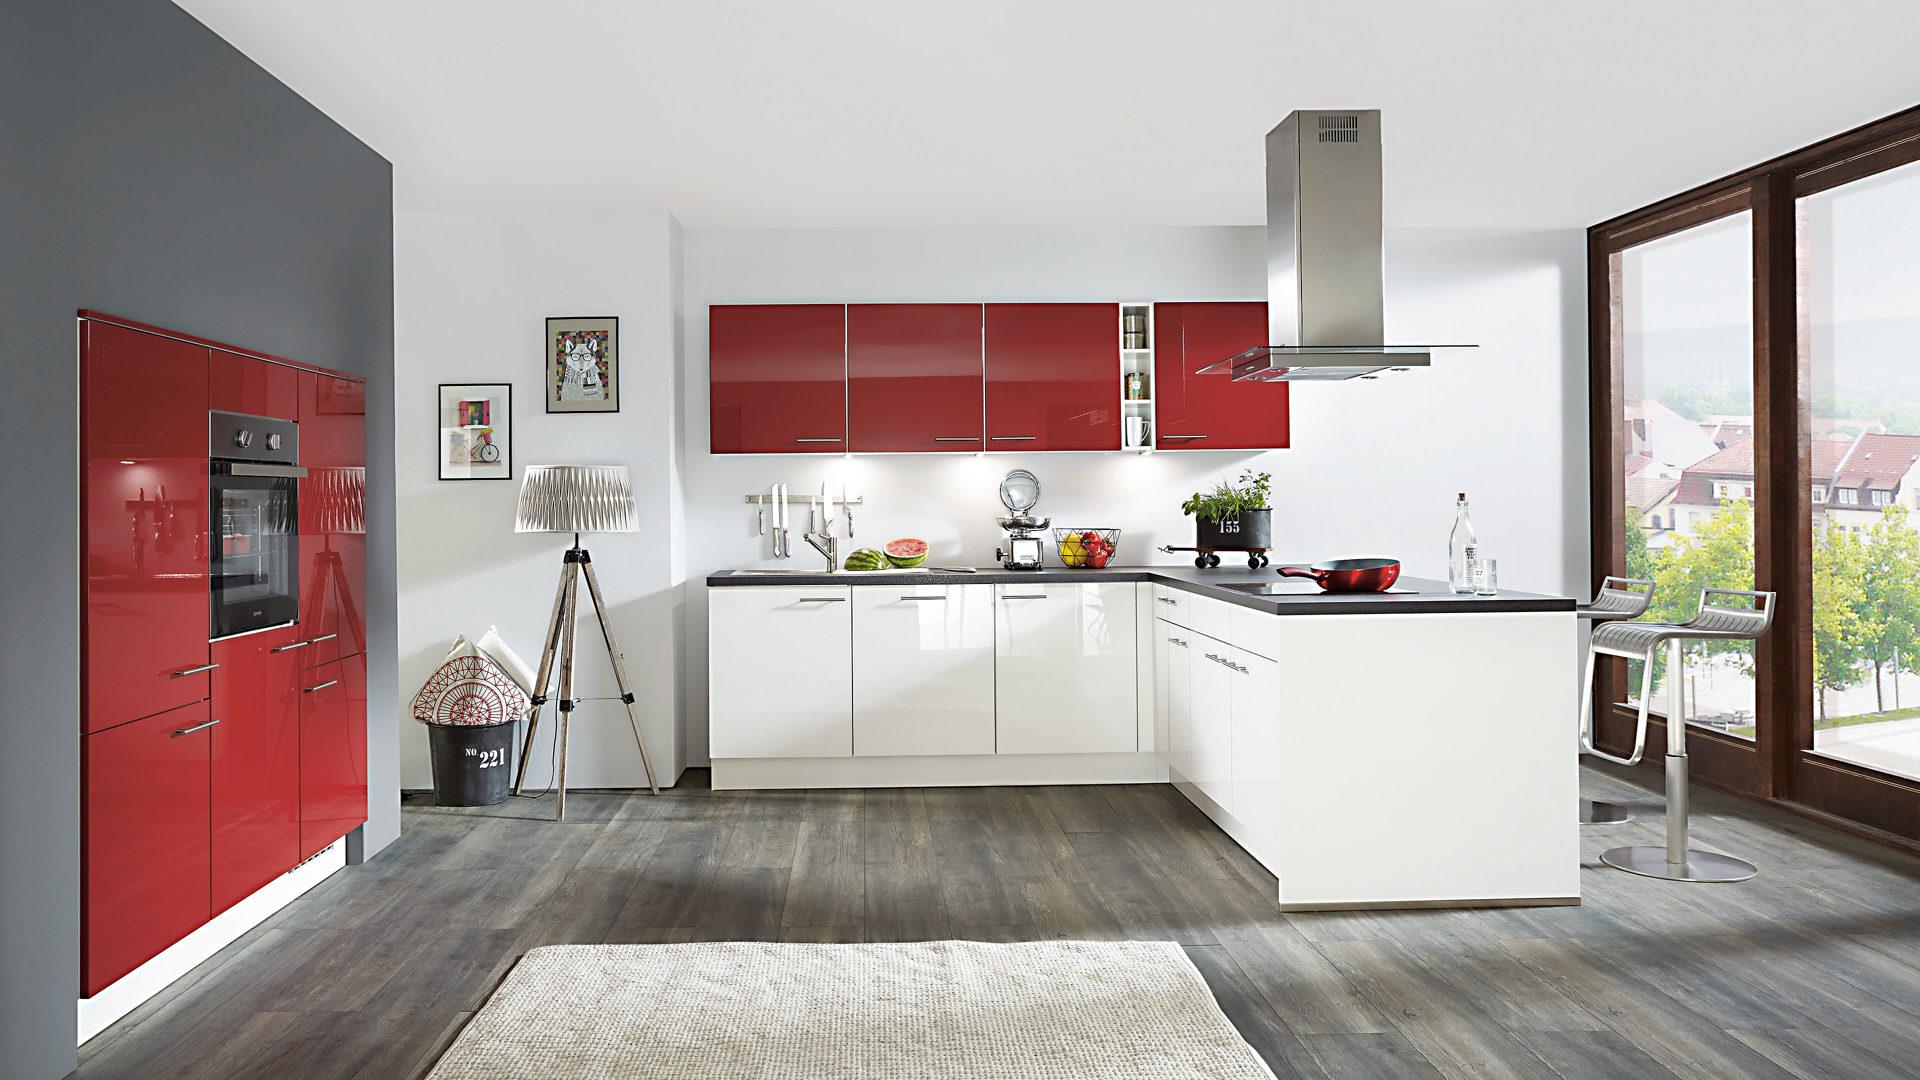 Erfreut Küche Design Ideen Küsten Leben Fotos - Ideen Für Die Küche ...